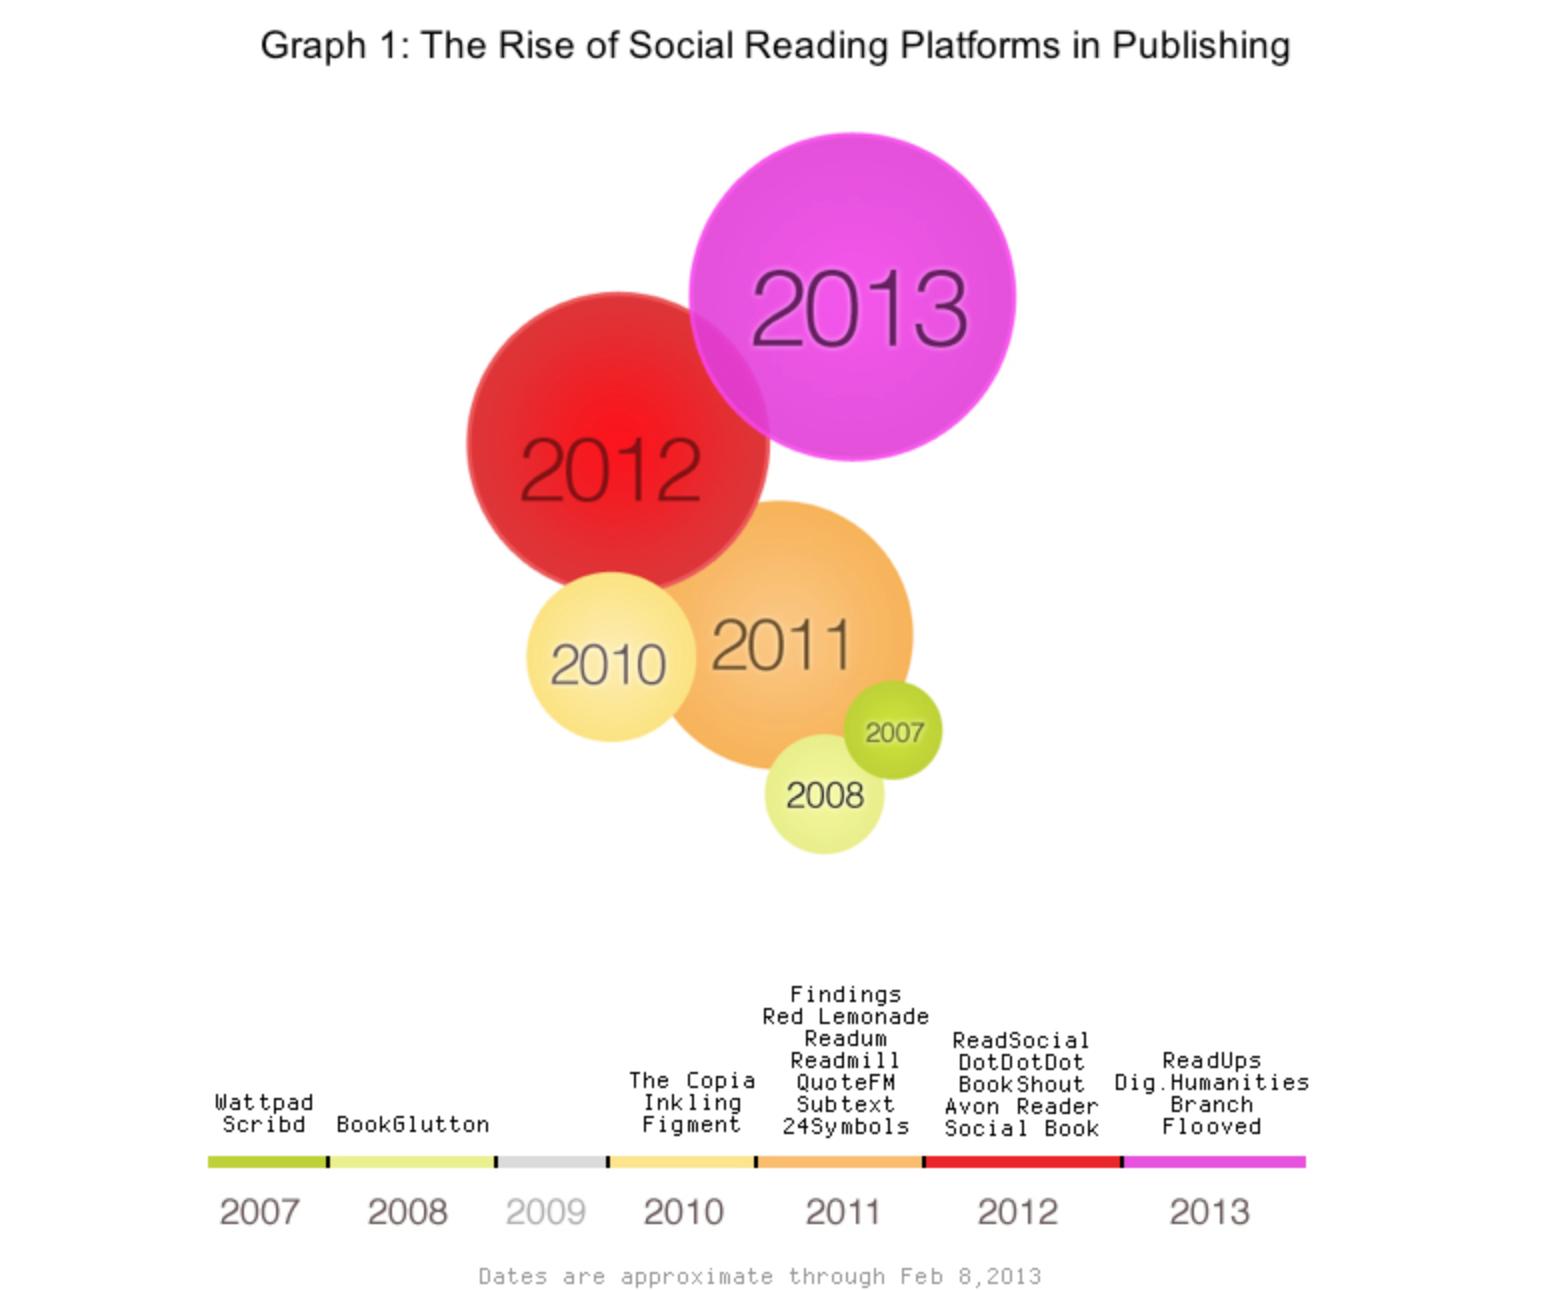 Whitepaper on social reading 2006-2013